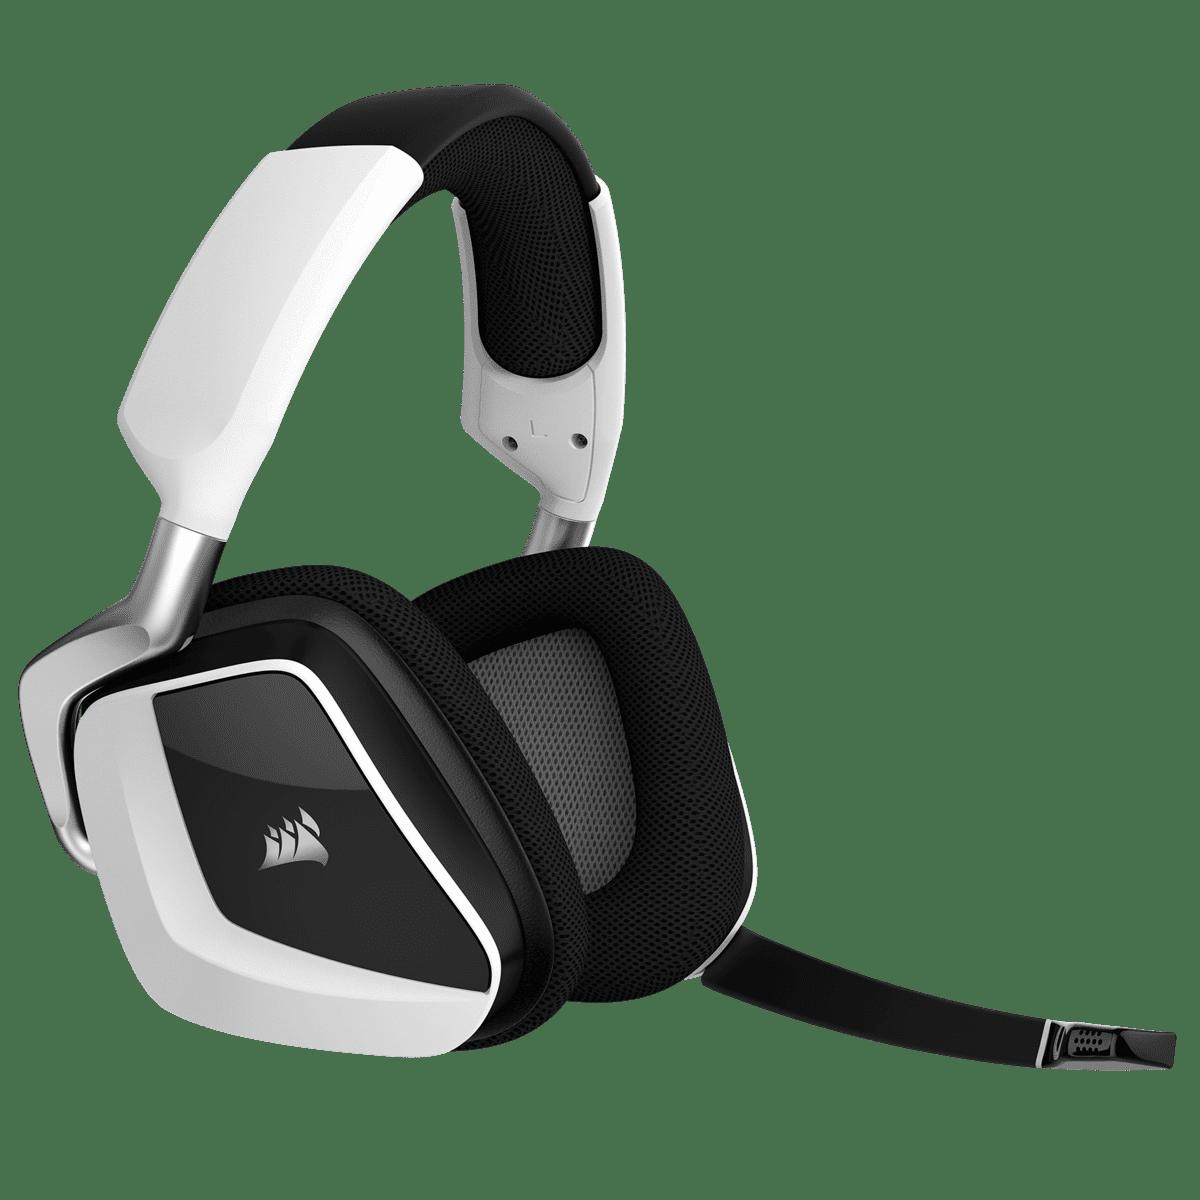 Headset Gamer Corsair Void Pro RGB Wifi 7.1 CA-9011153-NA